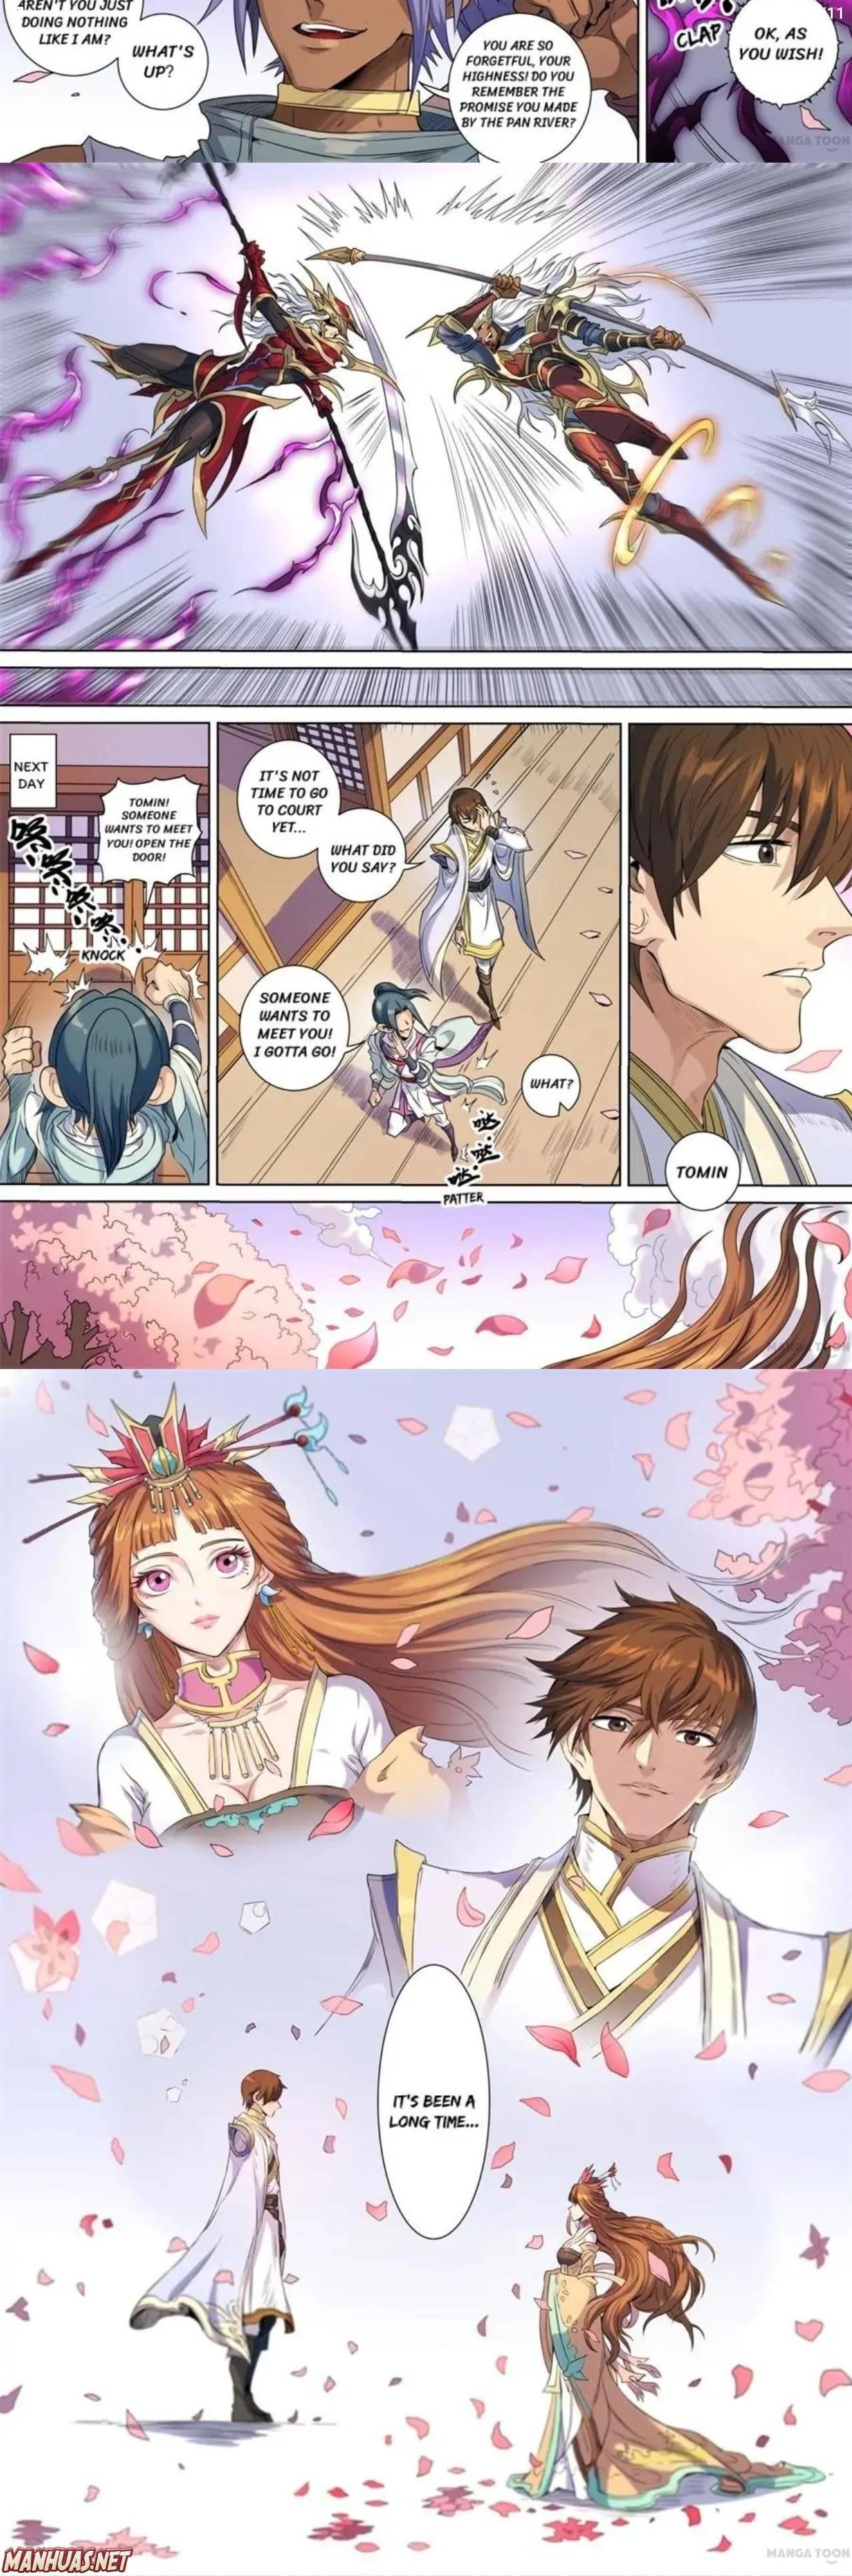 Tang Yin Zai Yi Jie Chapter 394 page 3 - Mangakakalot